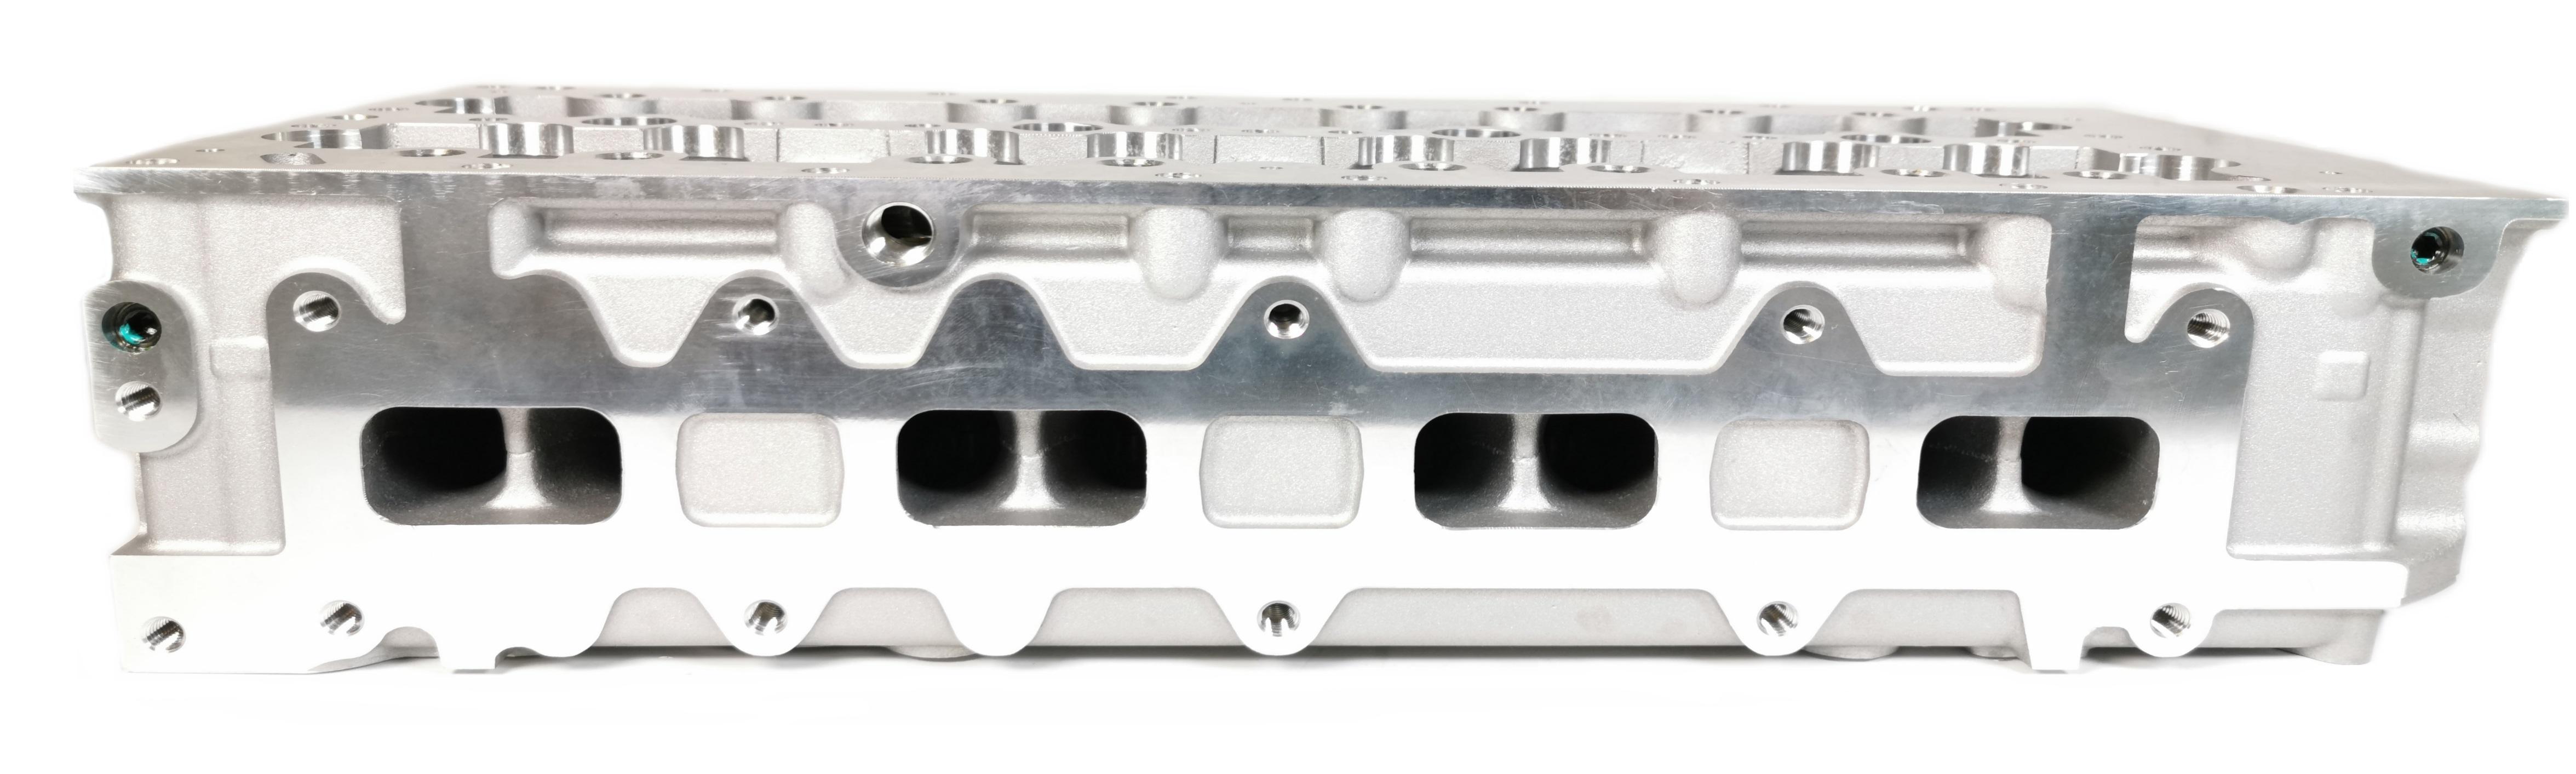 Zylinderkopf Euro 4 nackt für Fiat Ducato 244 2,3 JTD F1AE0481C 504049268 NEU